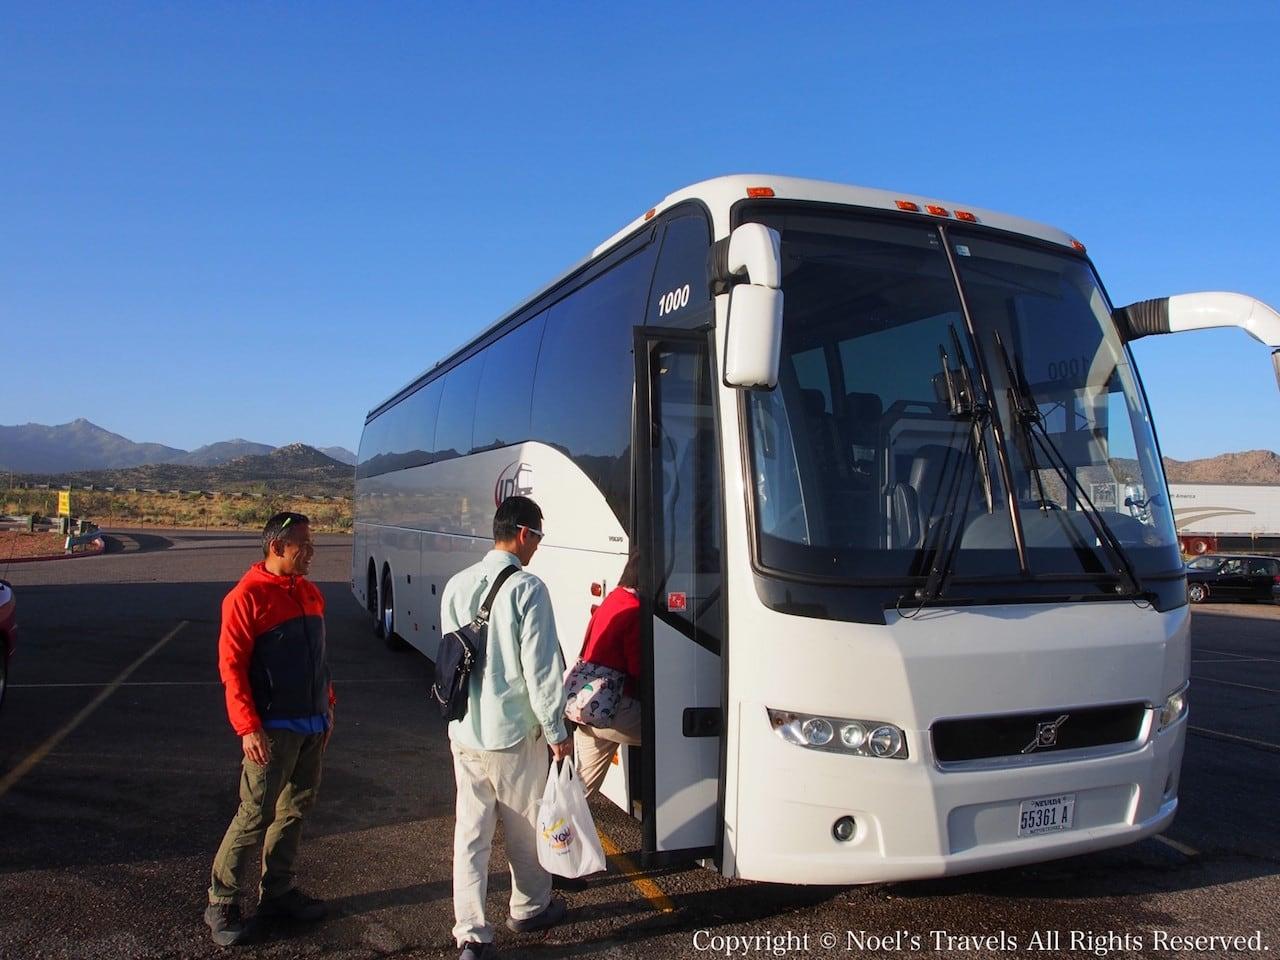 グランドキャニオンへ向かうバス